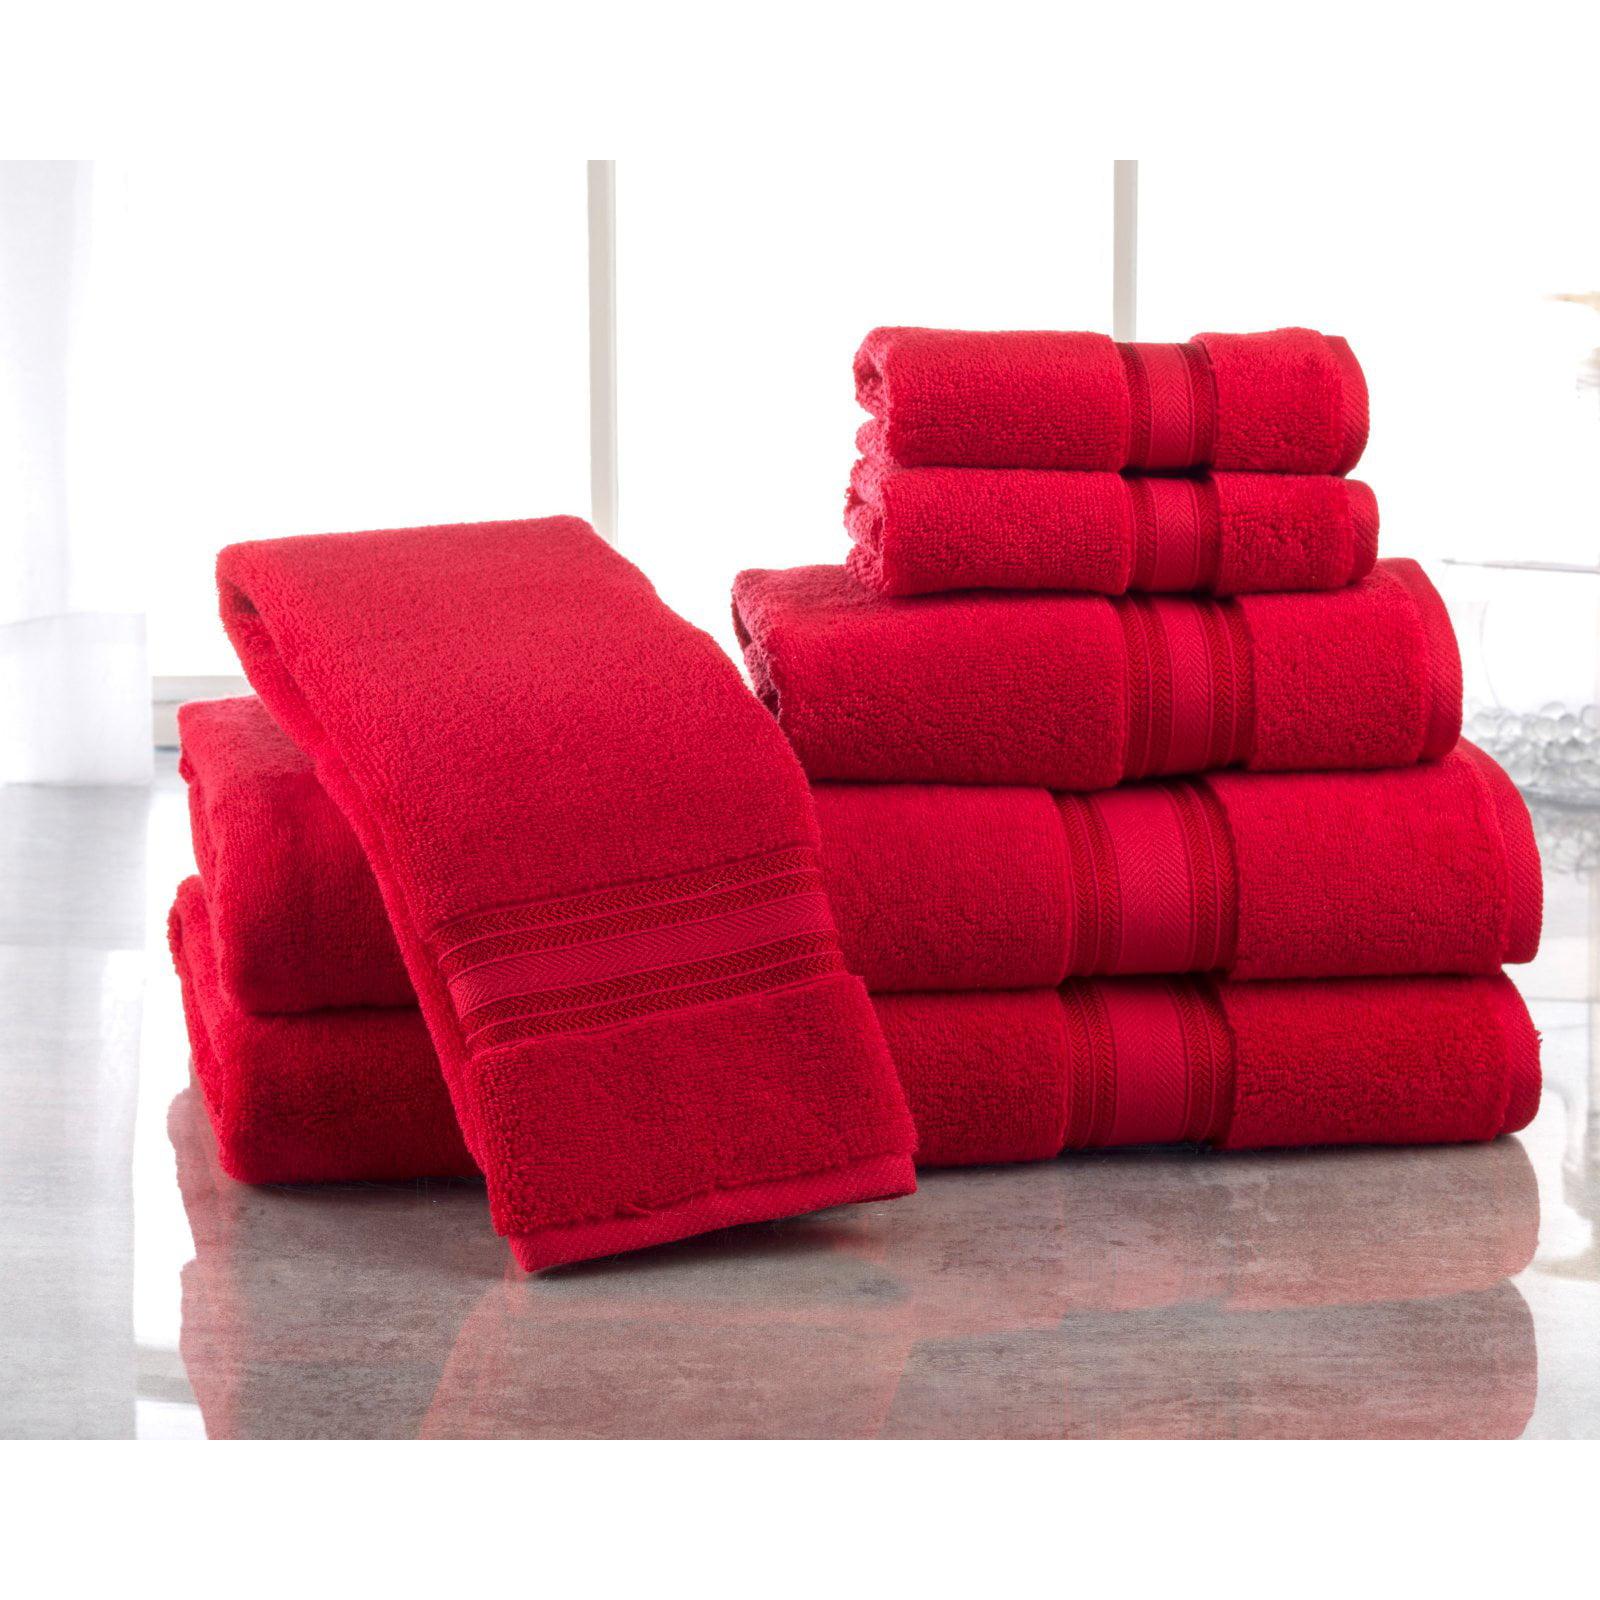 Affinity Linens 6 Piece Super Soft Cotton Towel Set